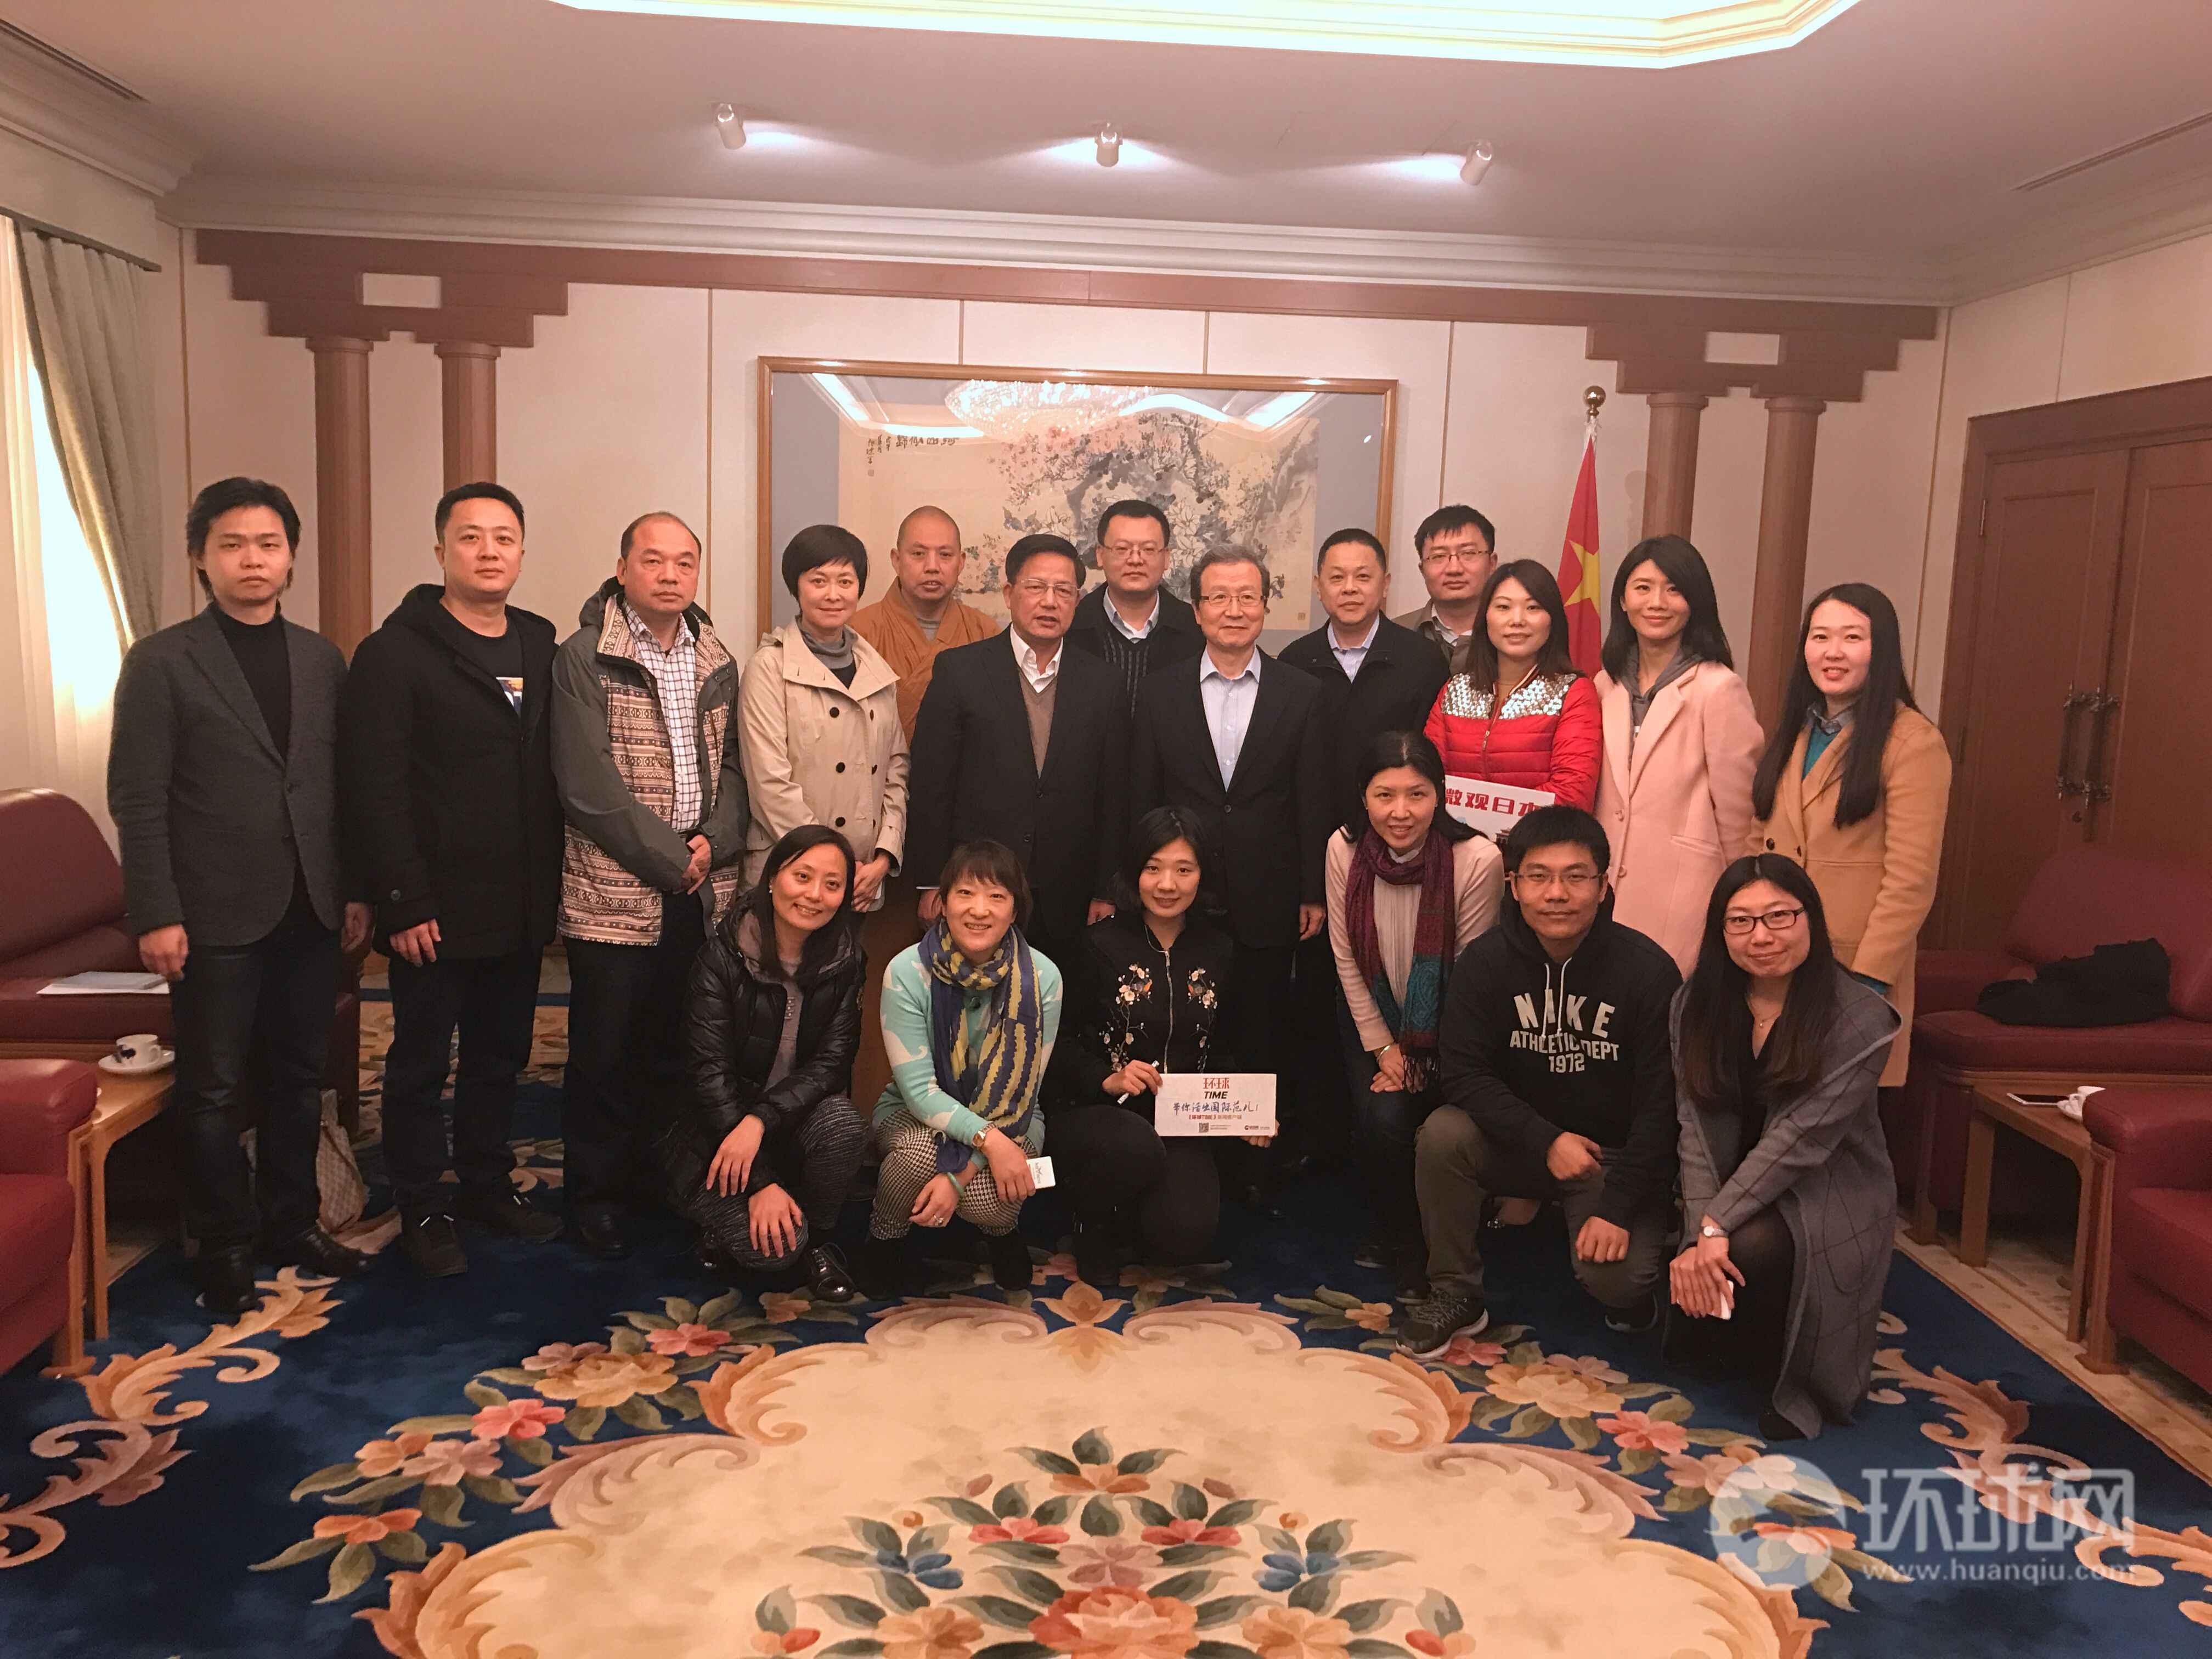 中国驻日本大使:中国民众比日本人更客观地看待世界